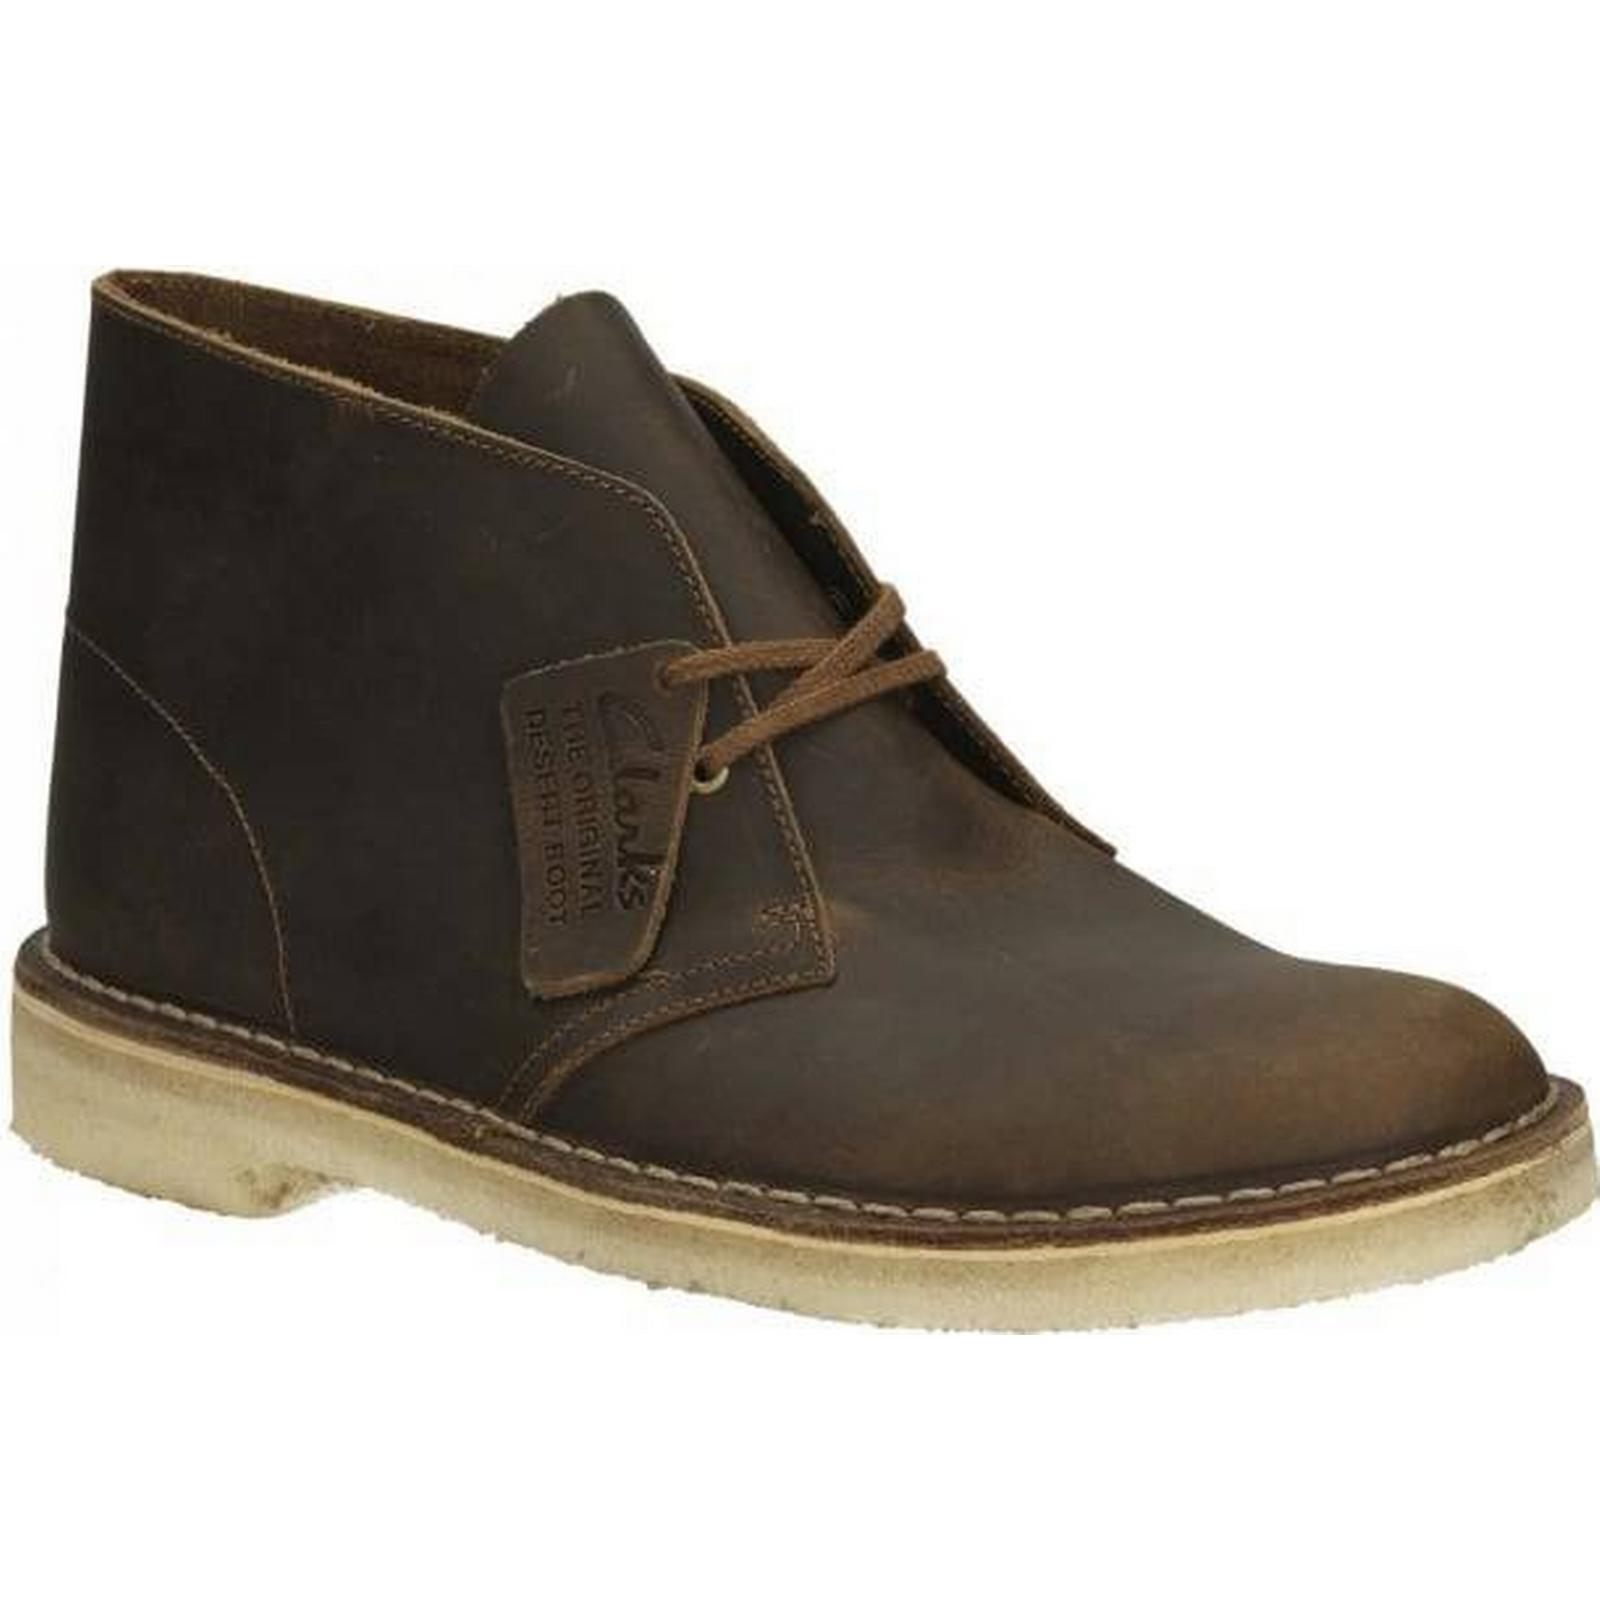 Clarks Beeswax Mens Desert Boot - Beeswax Clarks Size: 7.5 UK d844bd